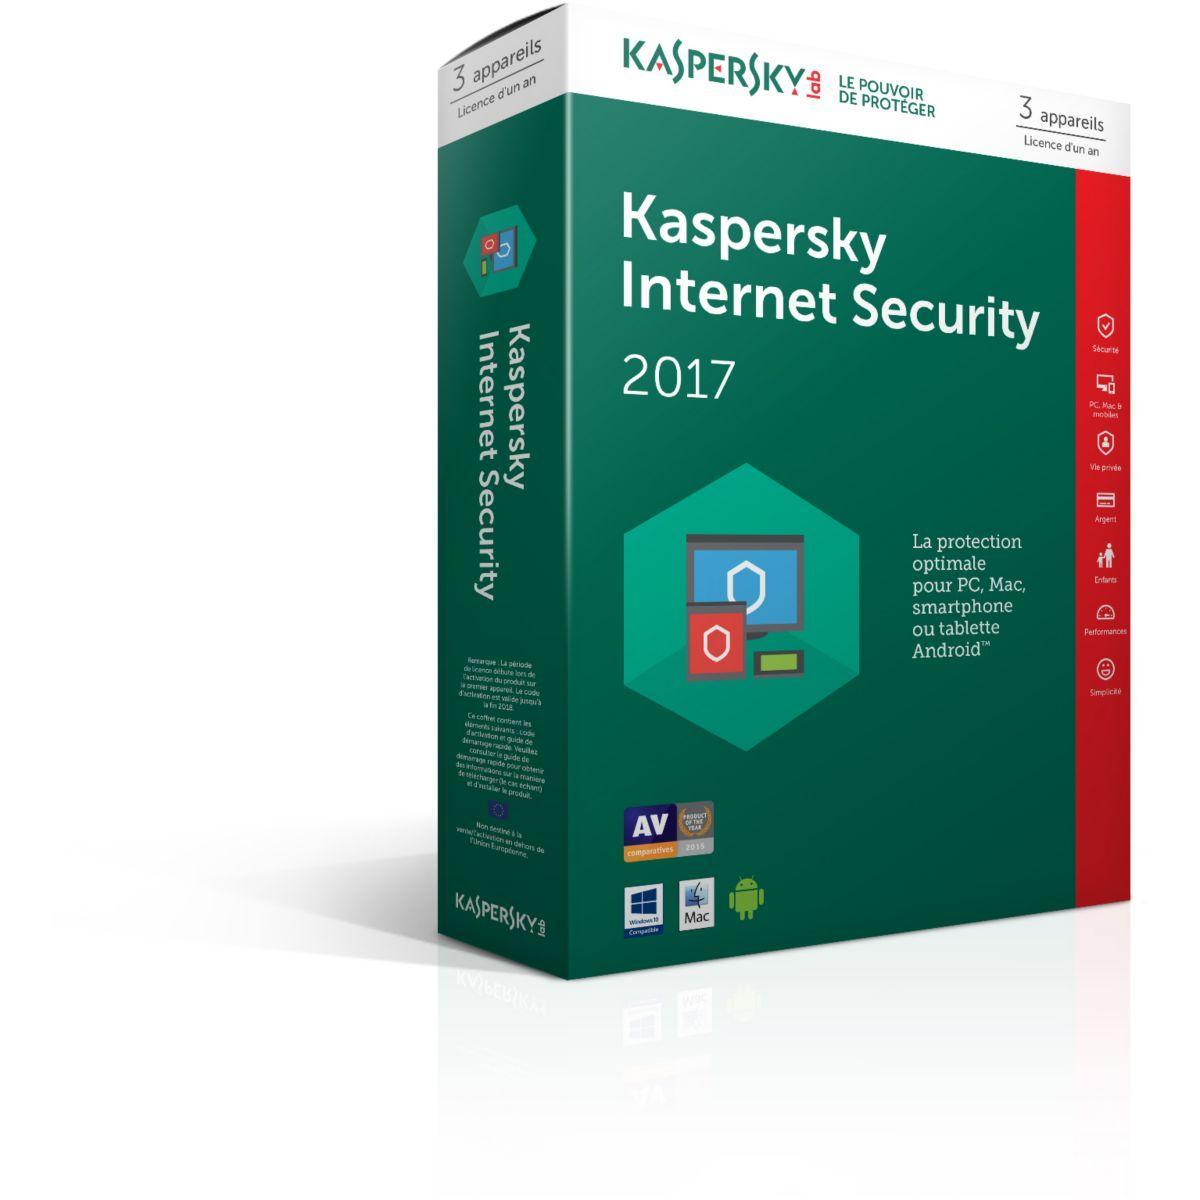 Logiciel antivirus pc kaspersky internet security 2017 3 postes / 1 an - 15% de remise immédiate avec le code : cash15 (photo)